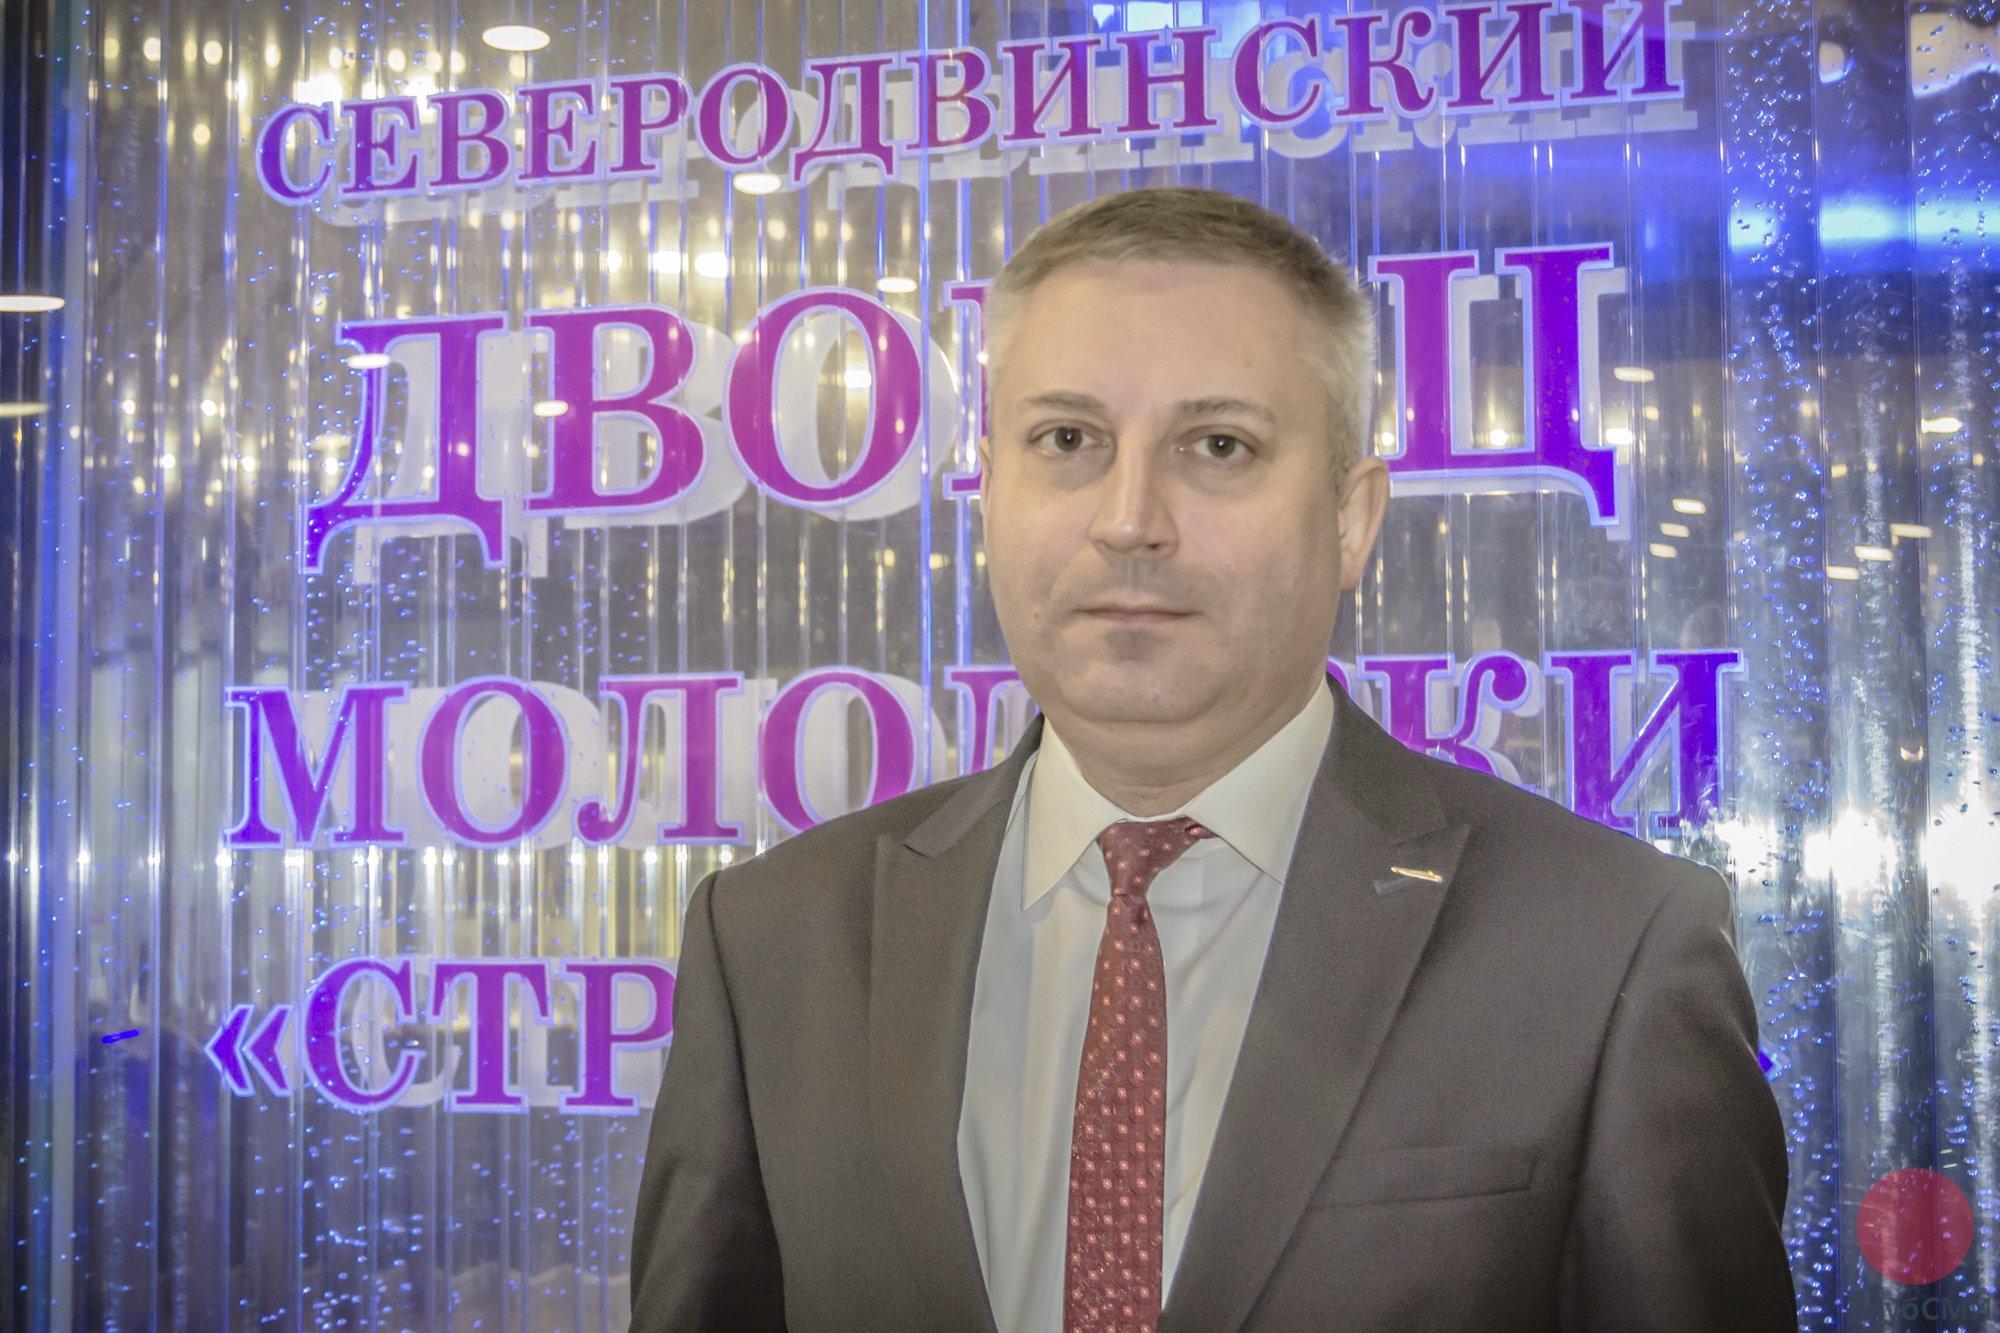 Мэр Северодвинска Игорь Скубенко в ДМ Строитель